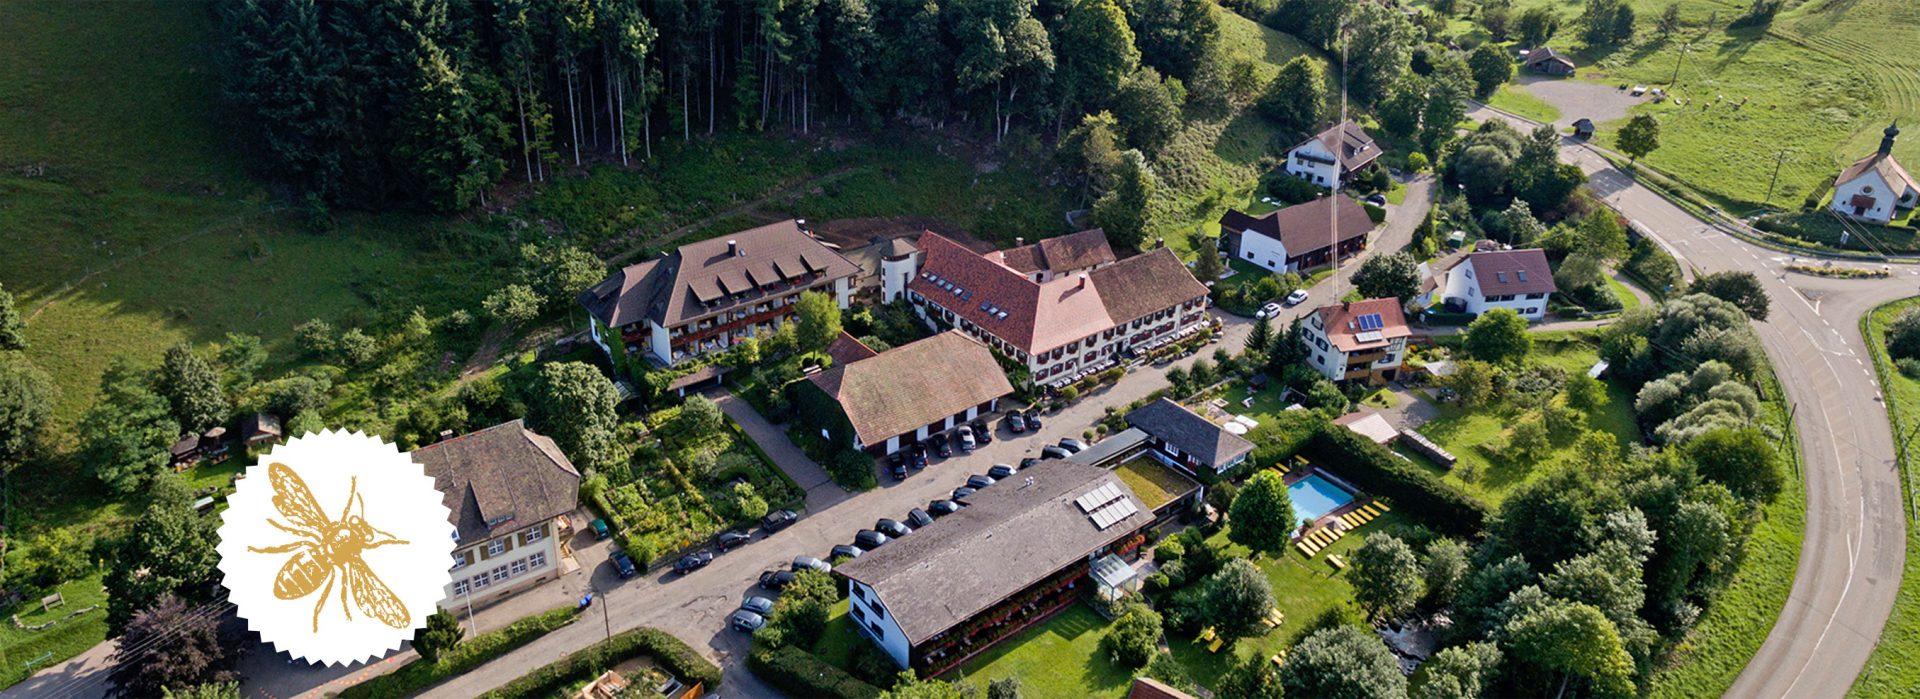 Karte Schwarzwald Zum Ausdrucken.Romantik Hotel Restaurant Spielweg Im Münstertal Schwarzwald